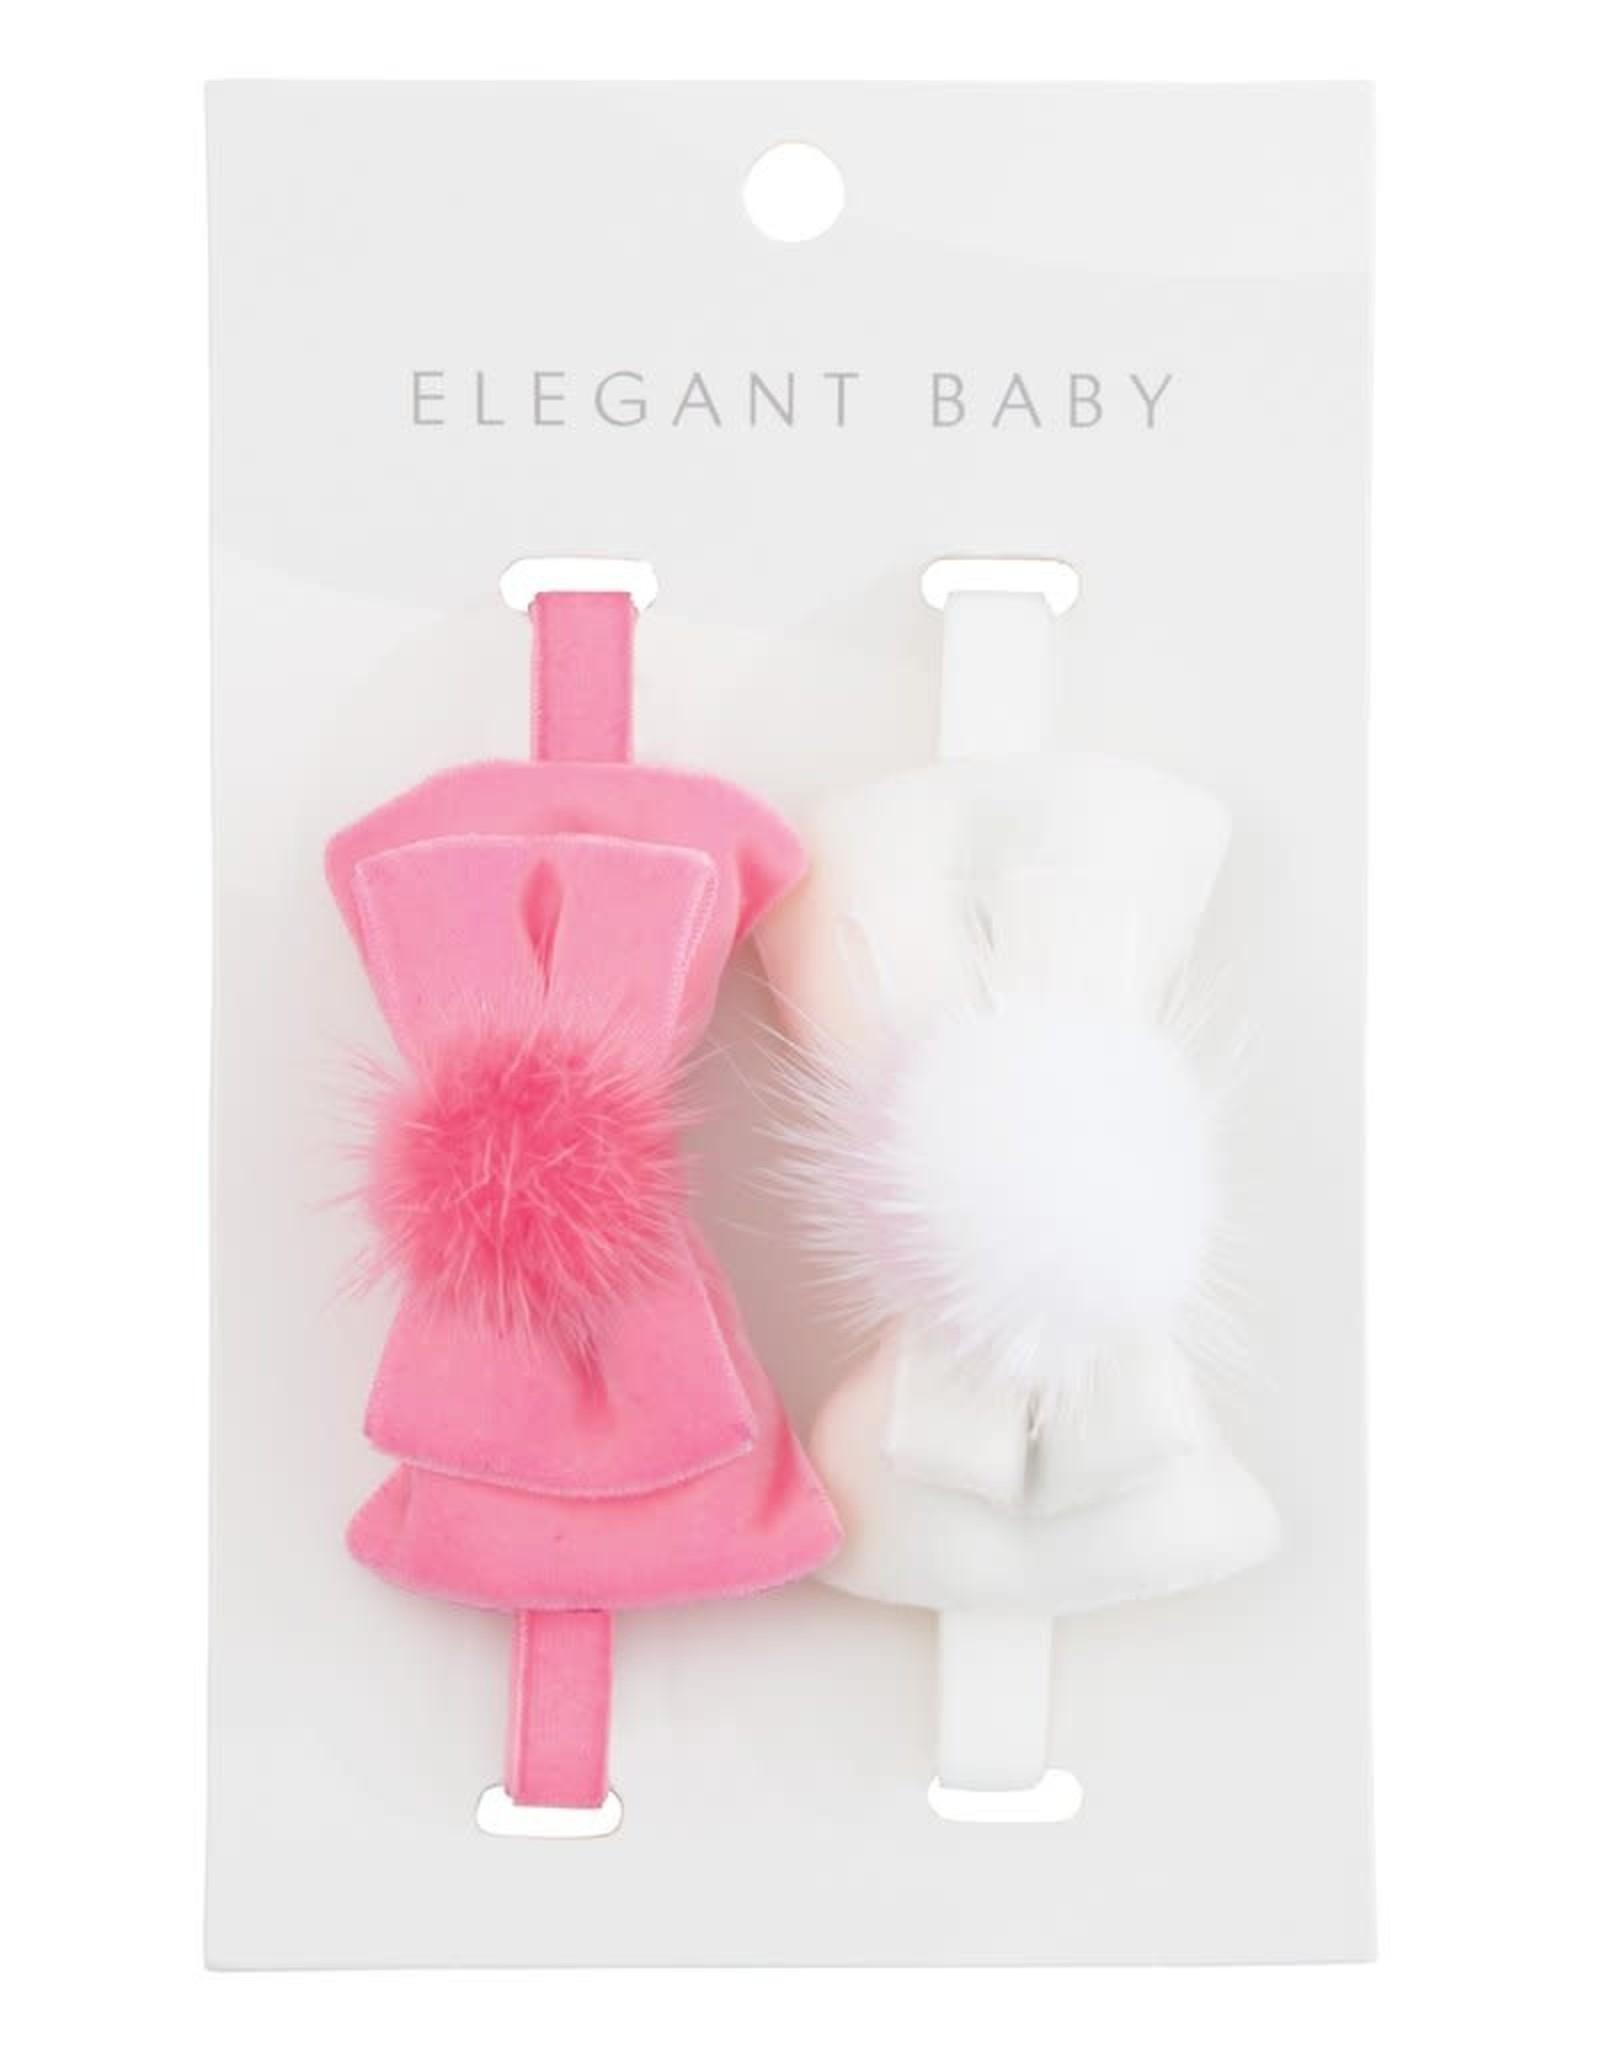 Elegant Baby Velvet Bow Wht Pnk